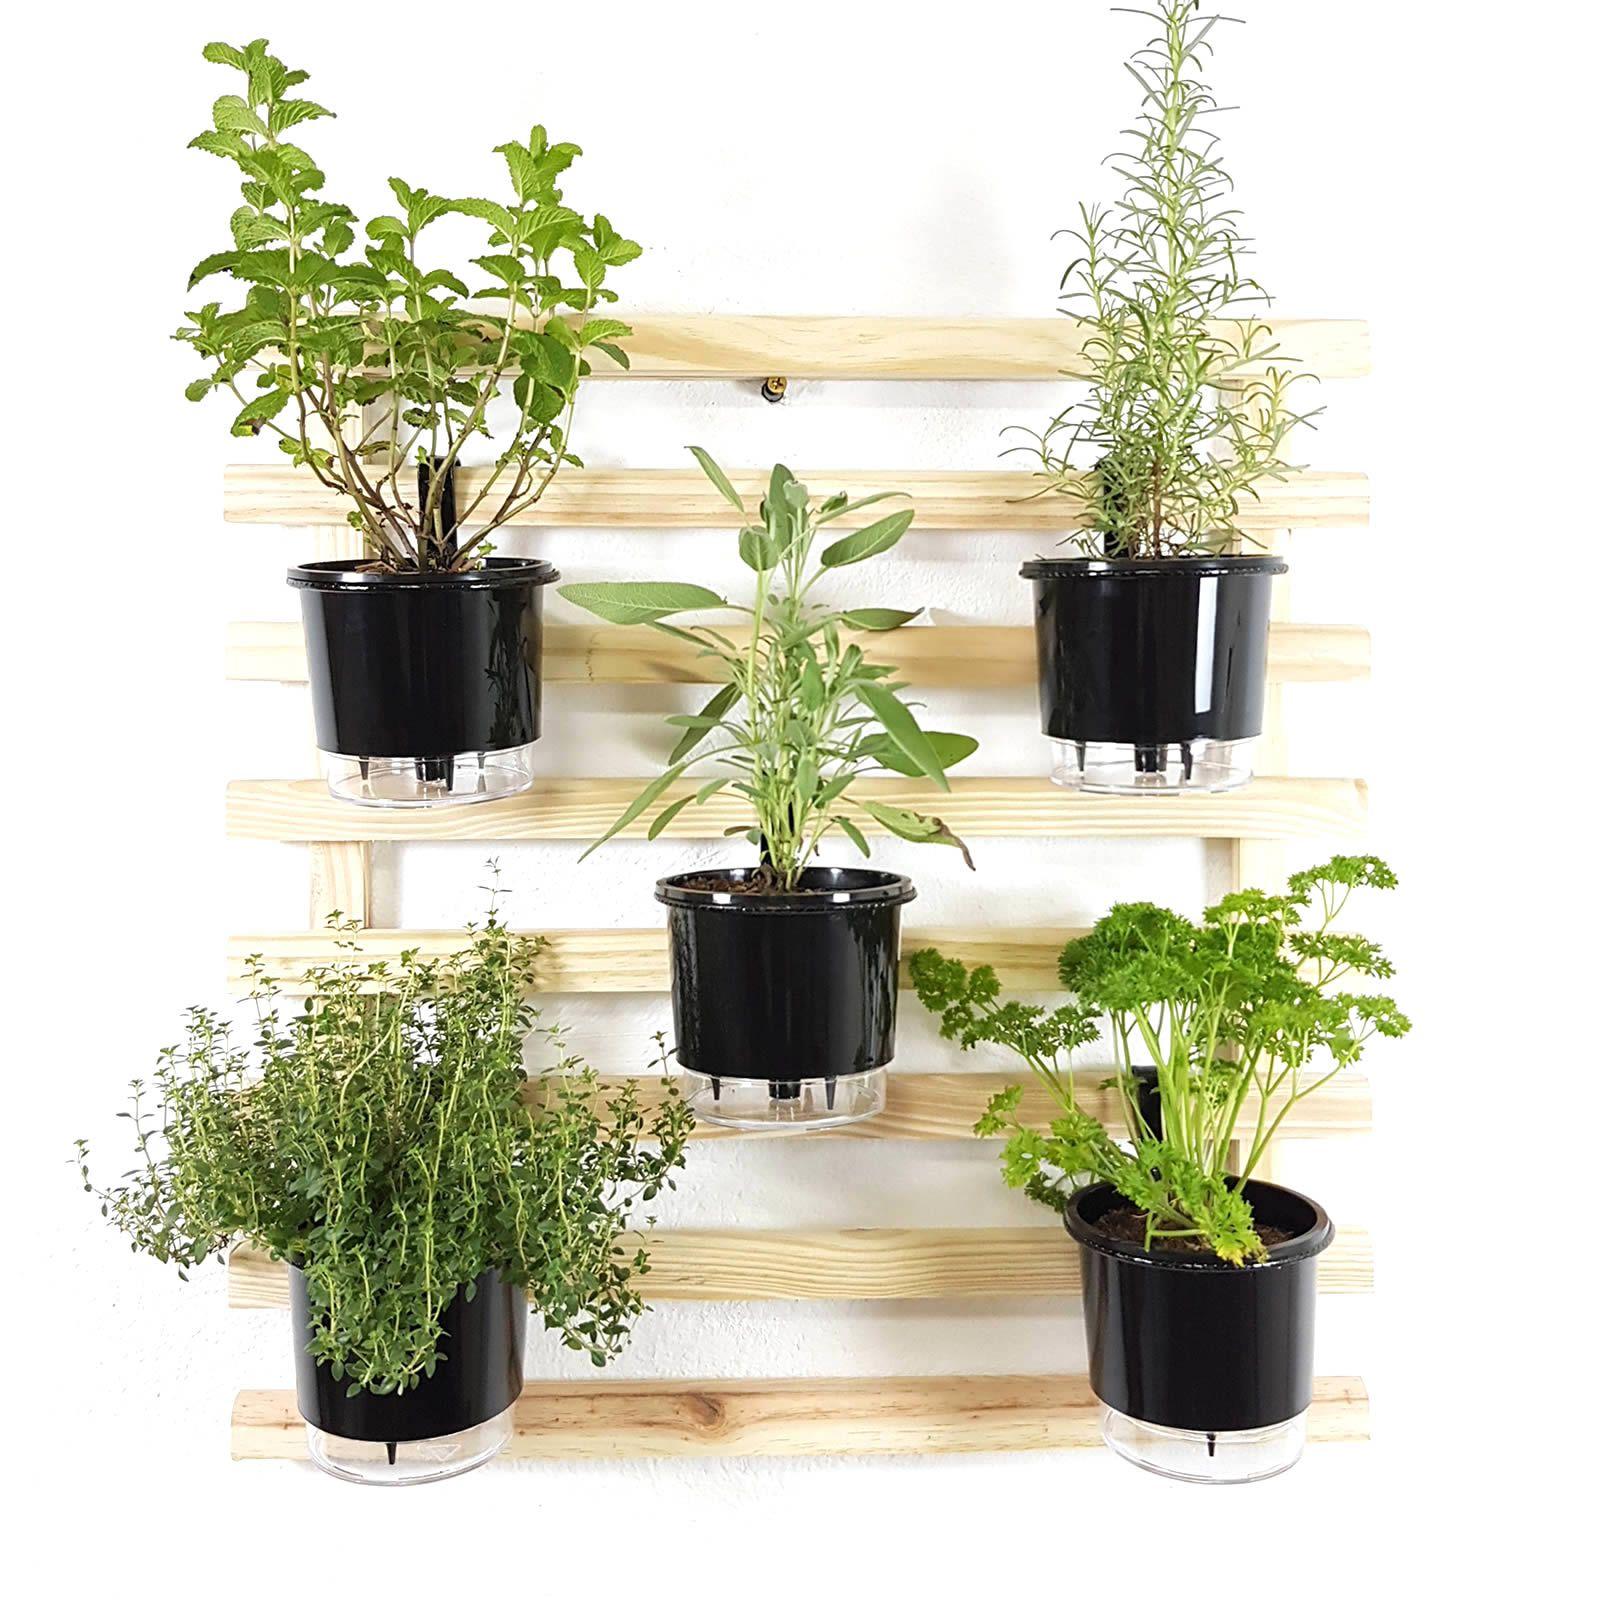 Horta Vertical Mini Natural 60x60cm com 5 suportes e 5 Vasos Auto Irrigáveis Preto